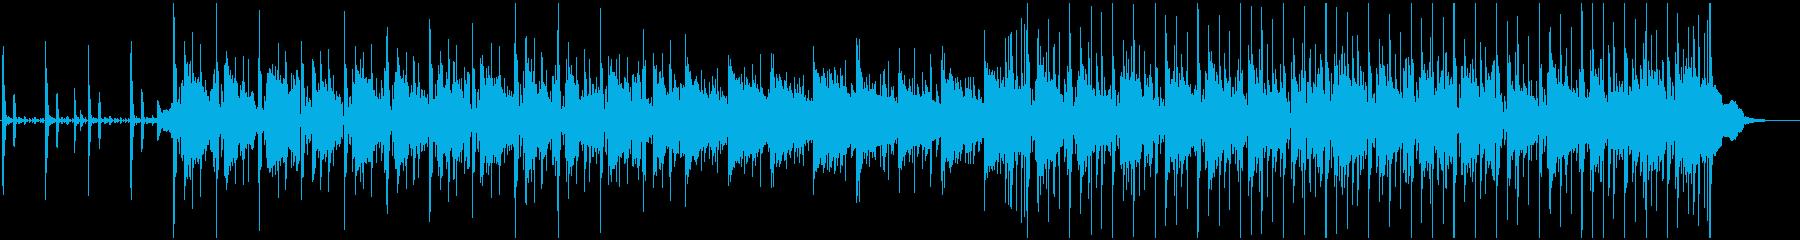 滑らかで心地よいラウンジジャズの再生済みの波形